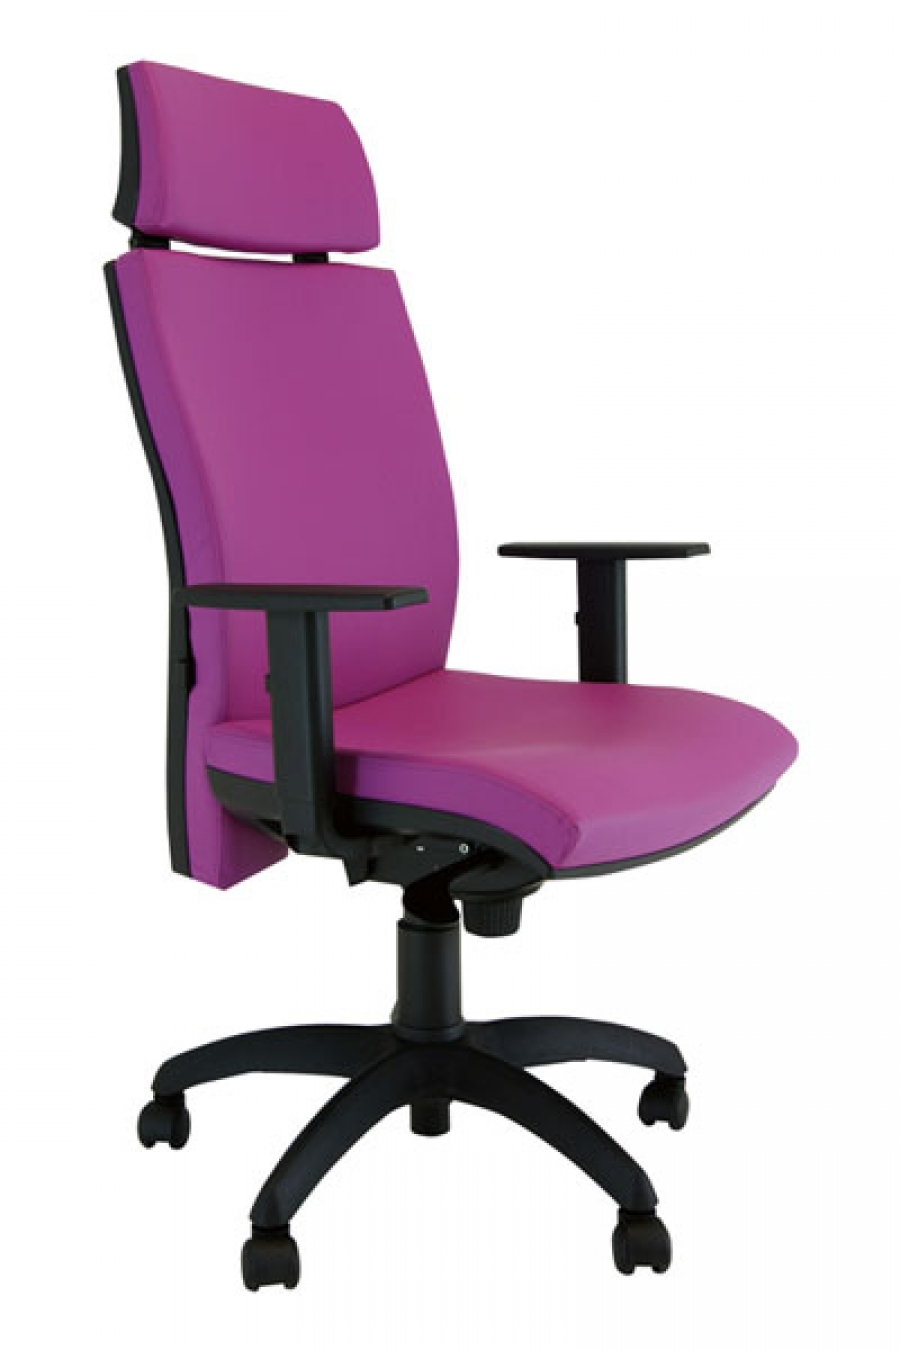 sillones de oficina modernos